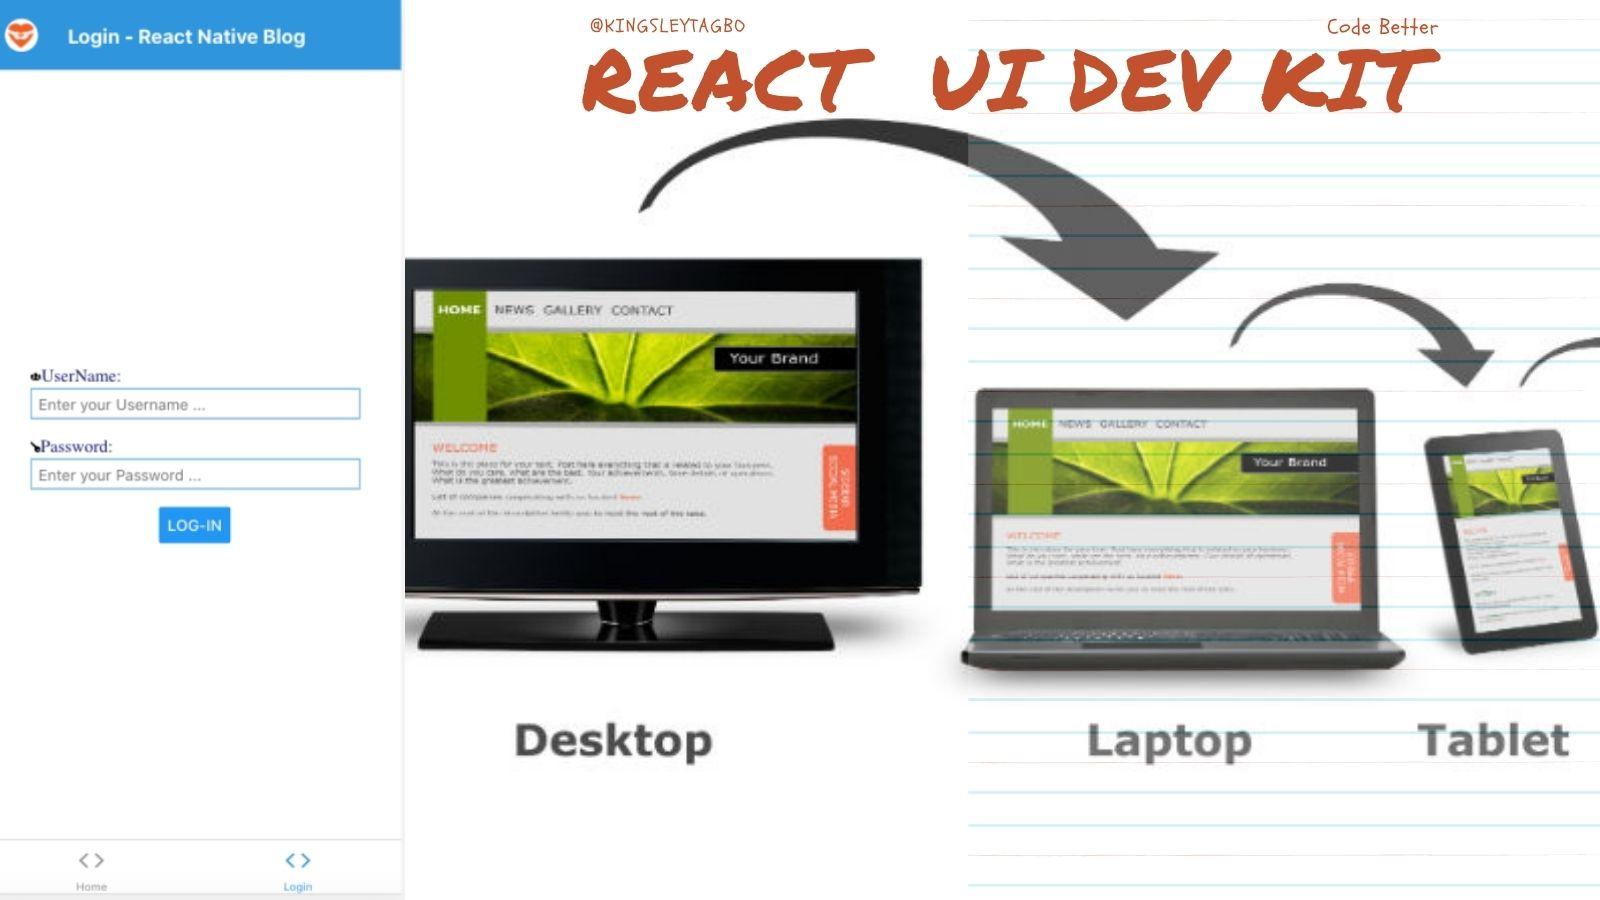 Build Cross-Platform Apps in ReactJS